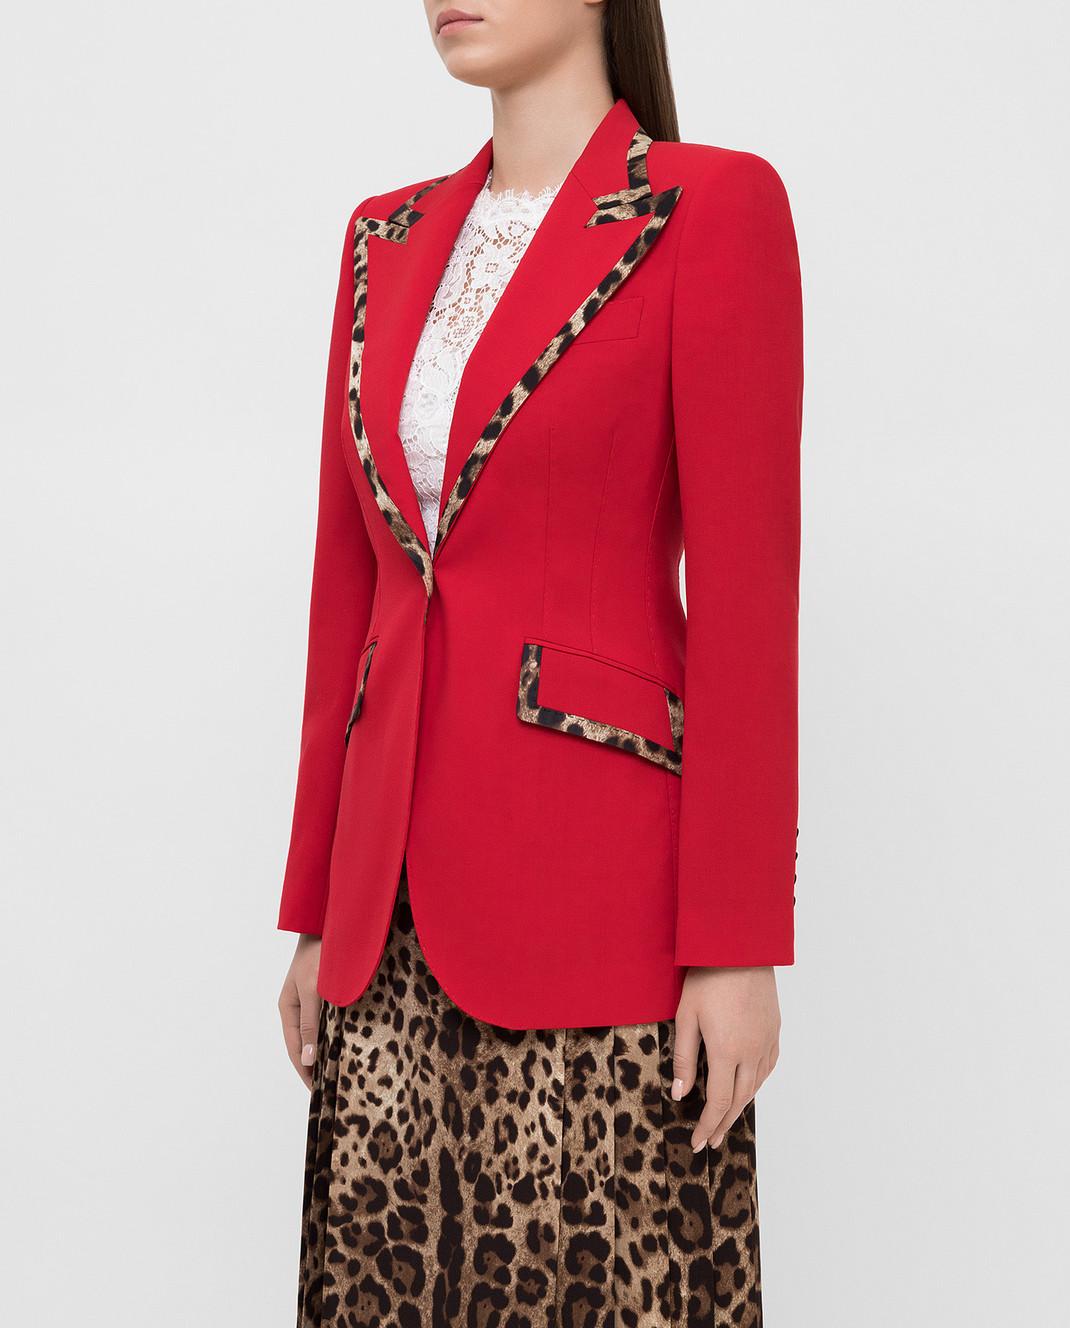 Dolce&Gabbana Красный жакет из шерсти изображение 3